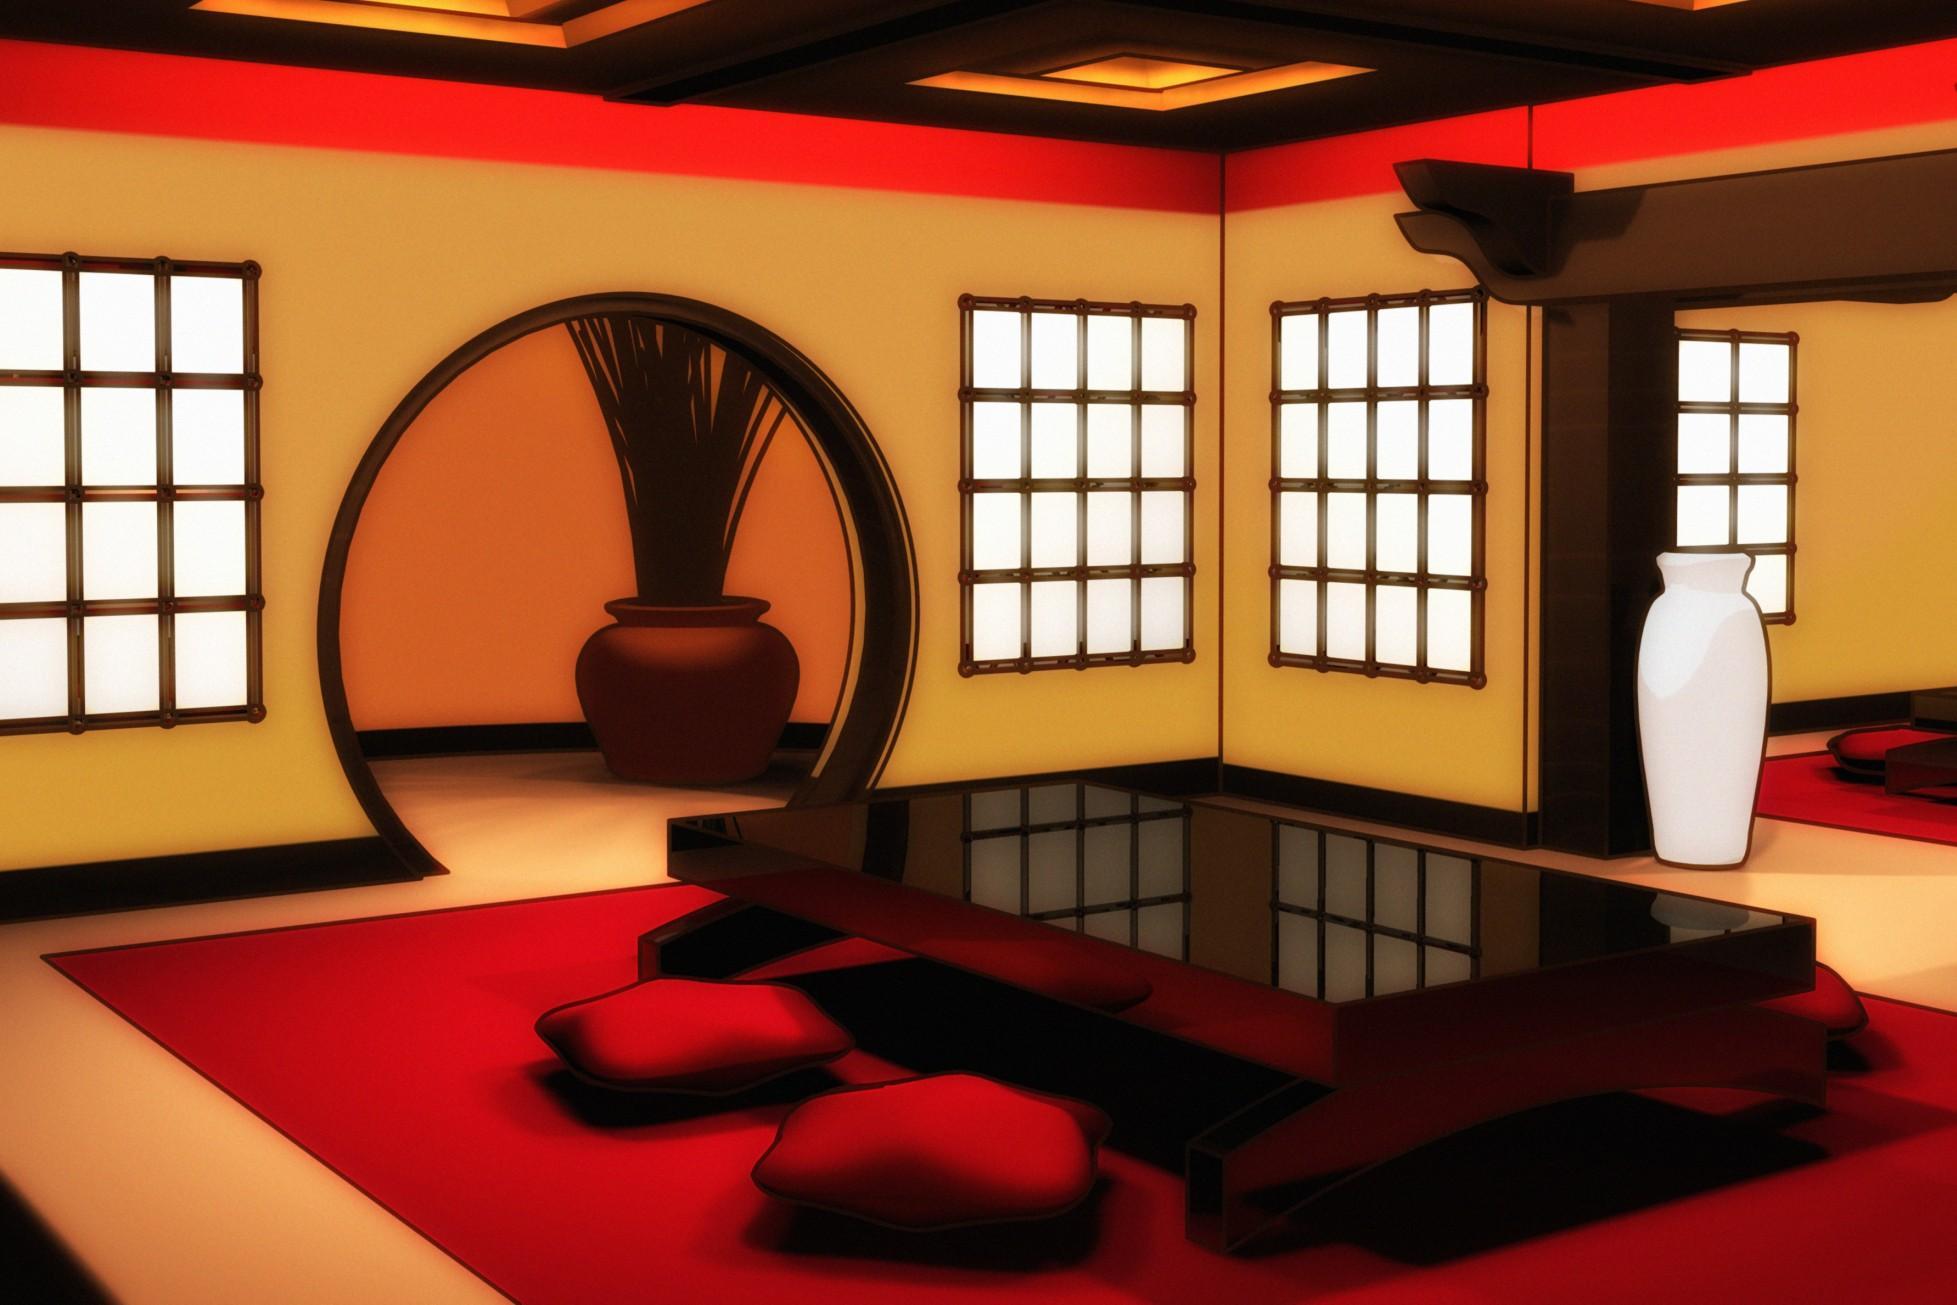 Arredare casa secondo il feng shui armonia delle forme ed for Arredamento cinese